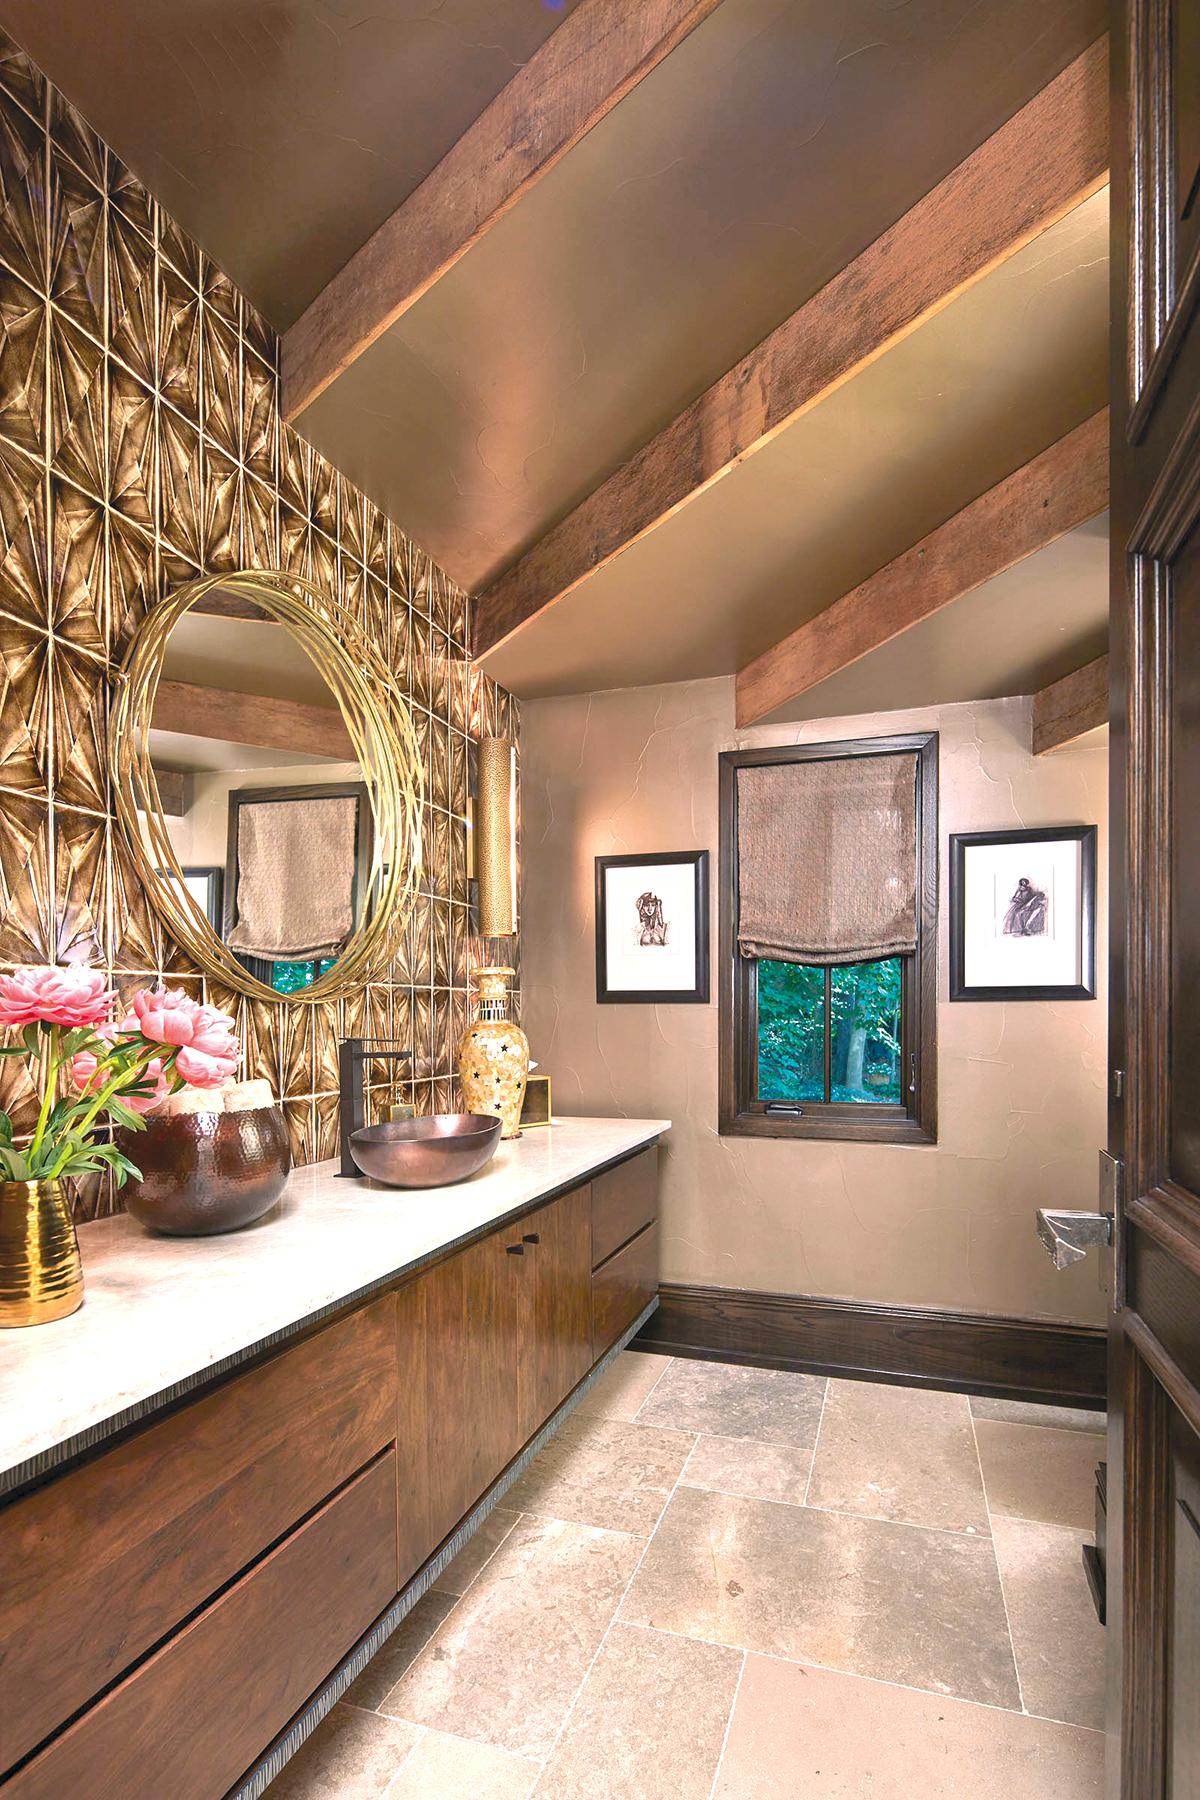 Powder rooms kbda 2018 kitchen bath design news - Powder room ideas 2018 ...